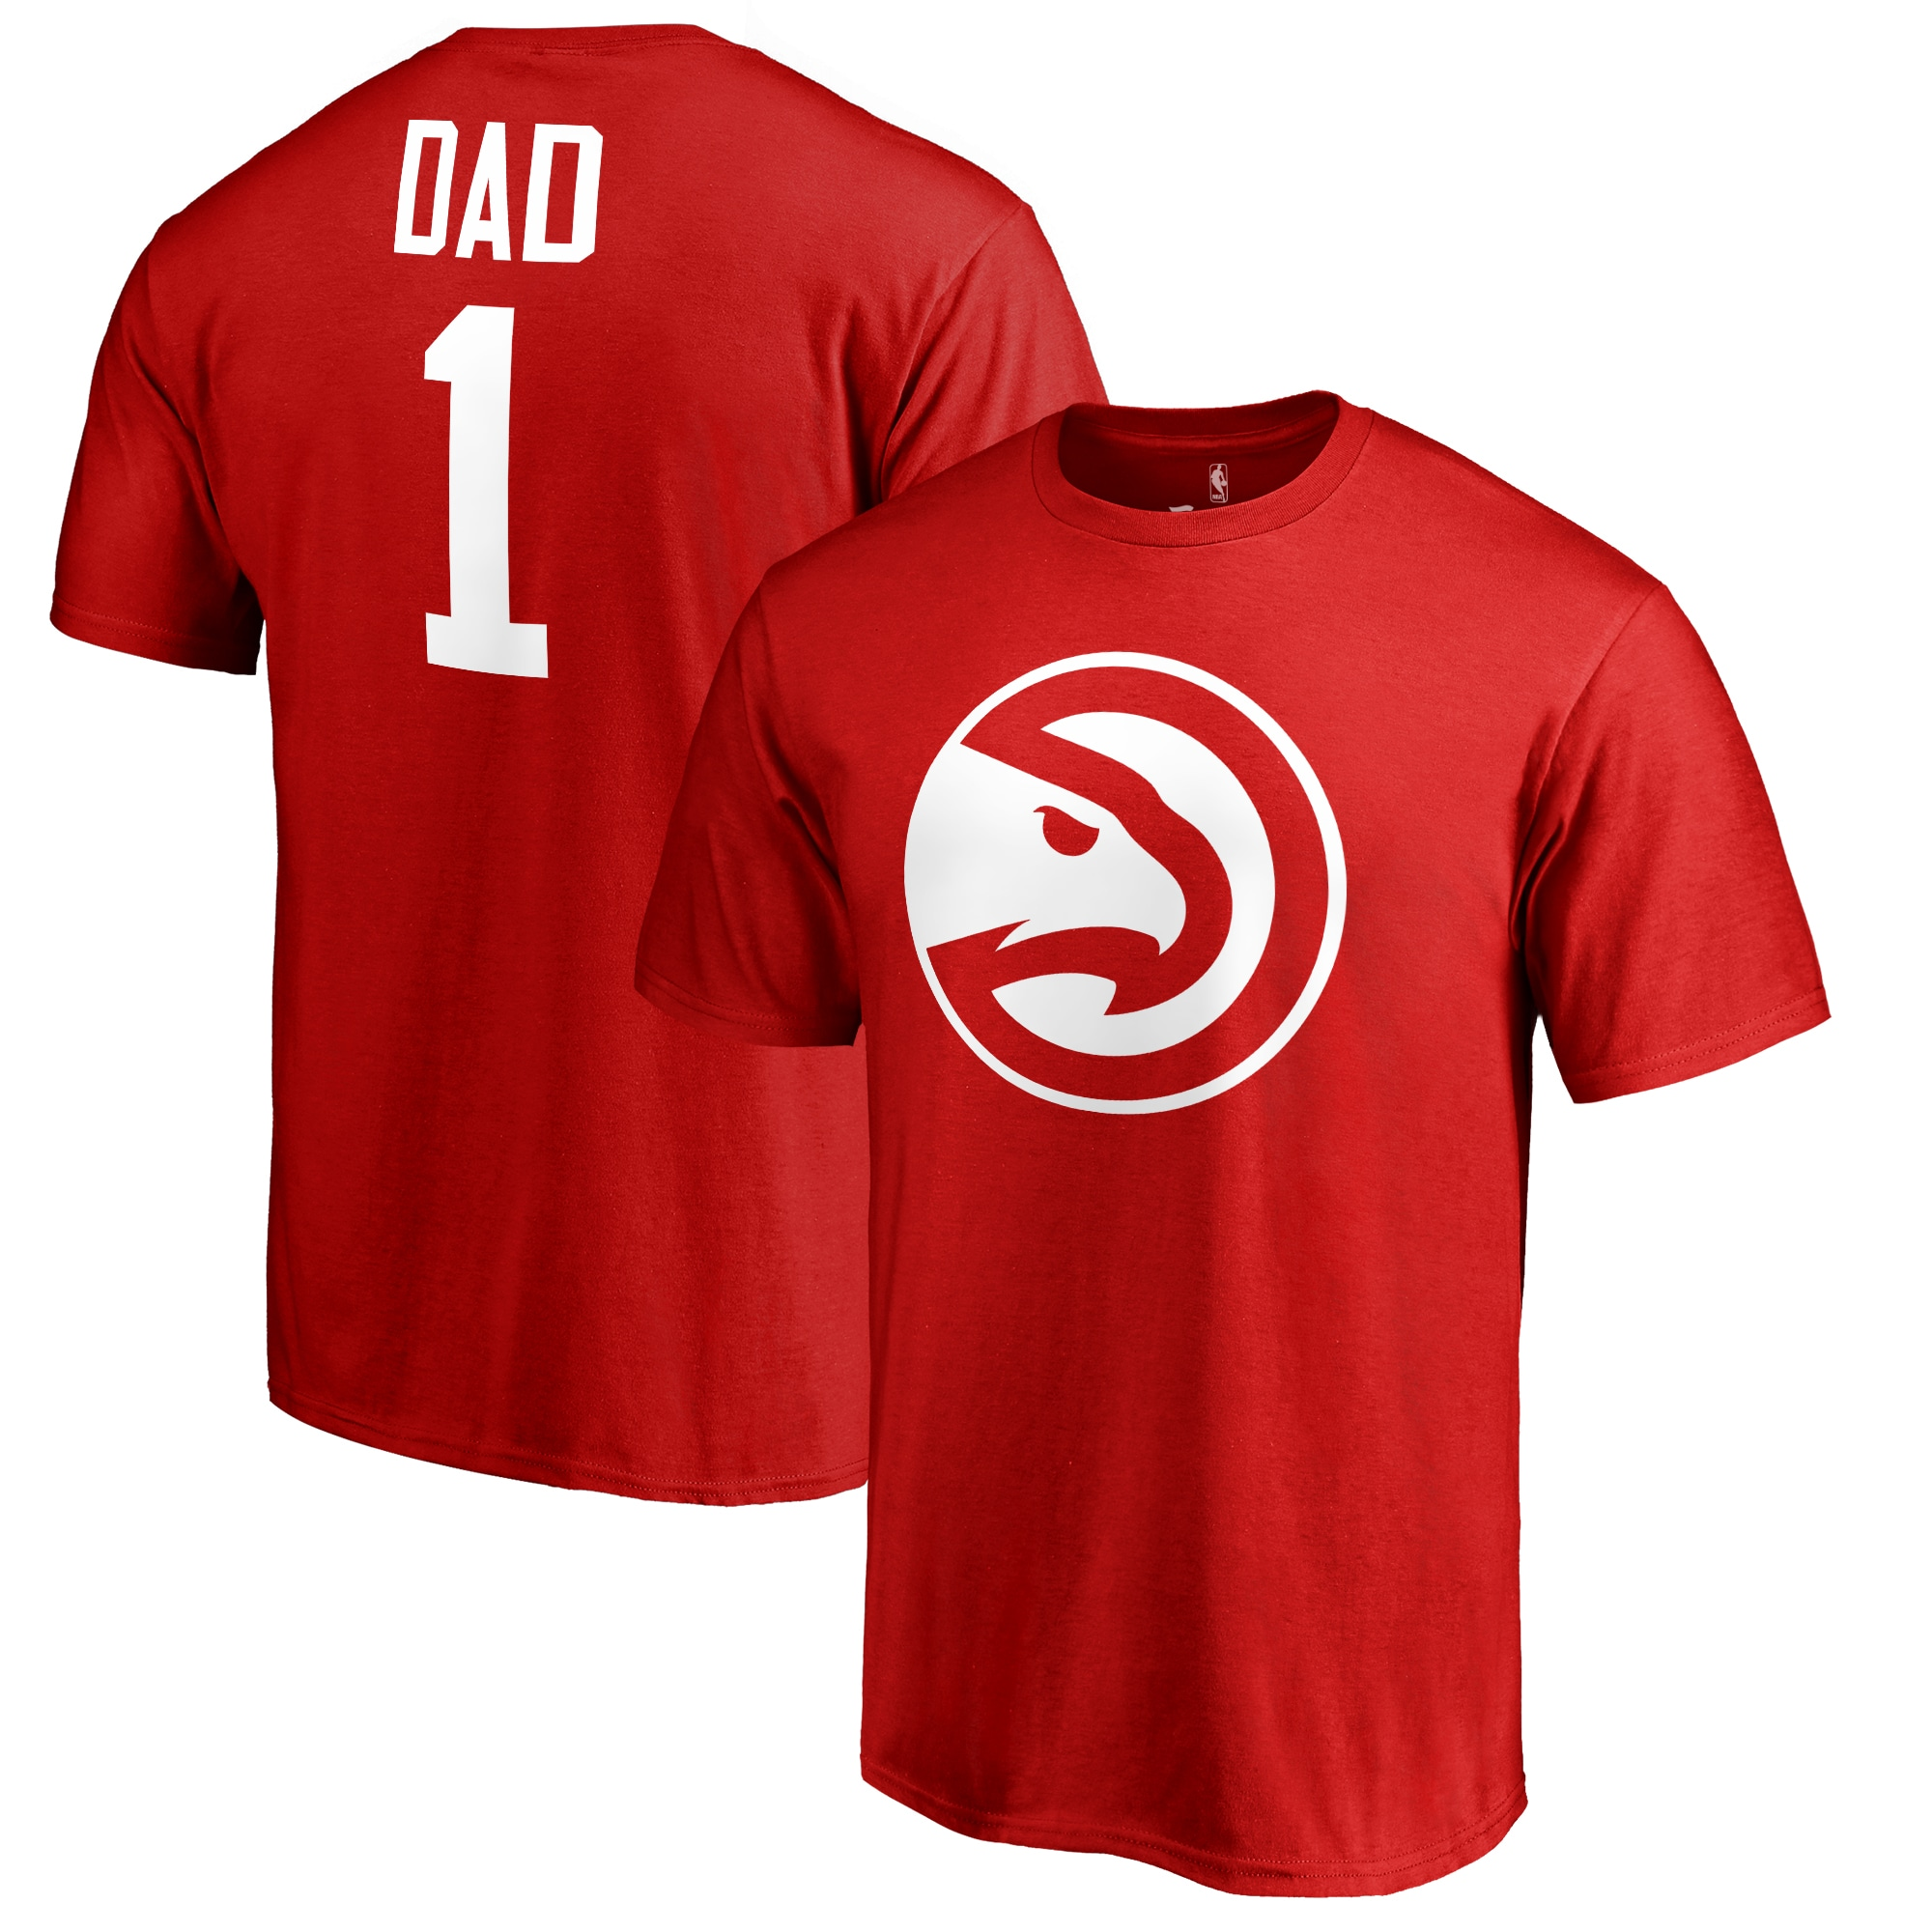 Atlanta Hawks Fanatics Branded Big & Tall #1 Dad T-Shirt - Red